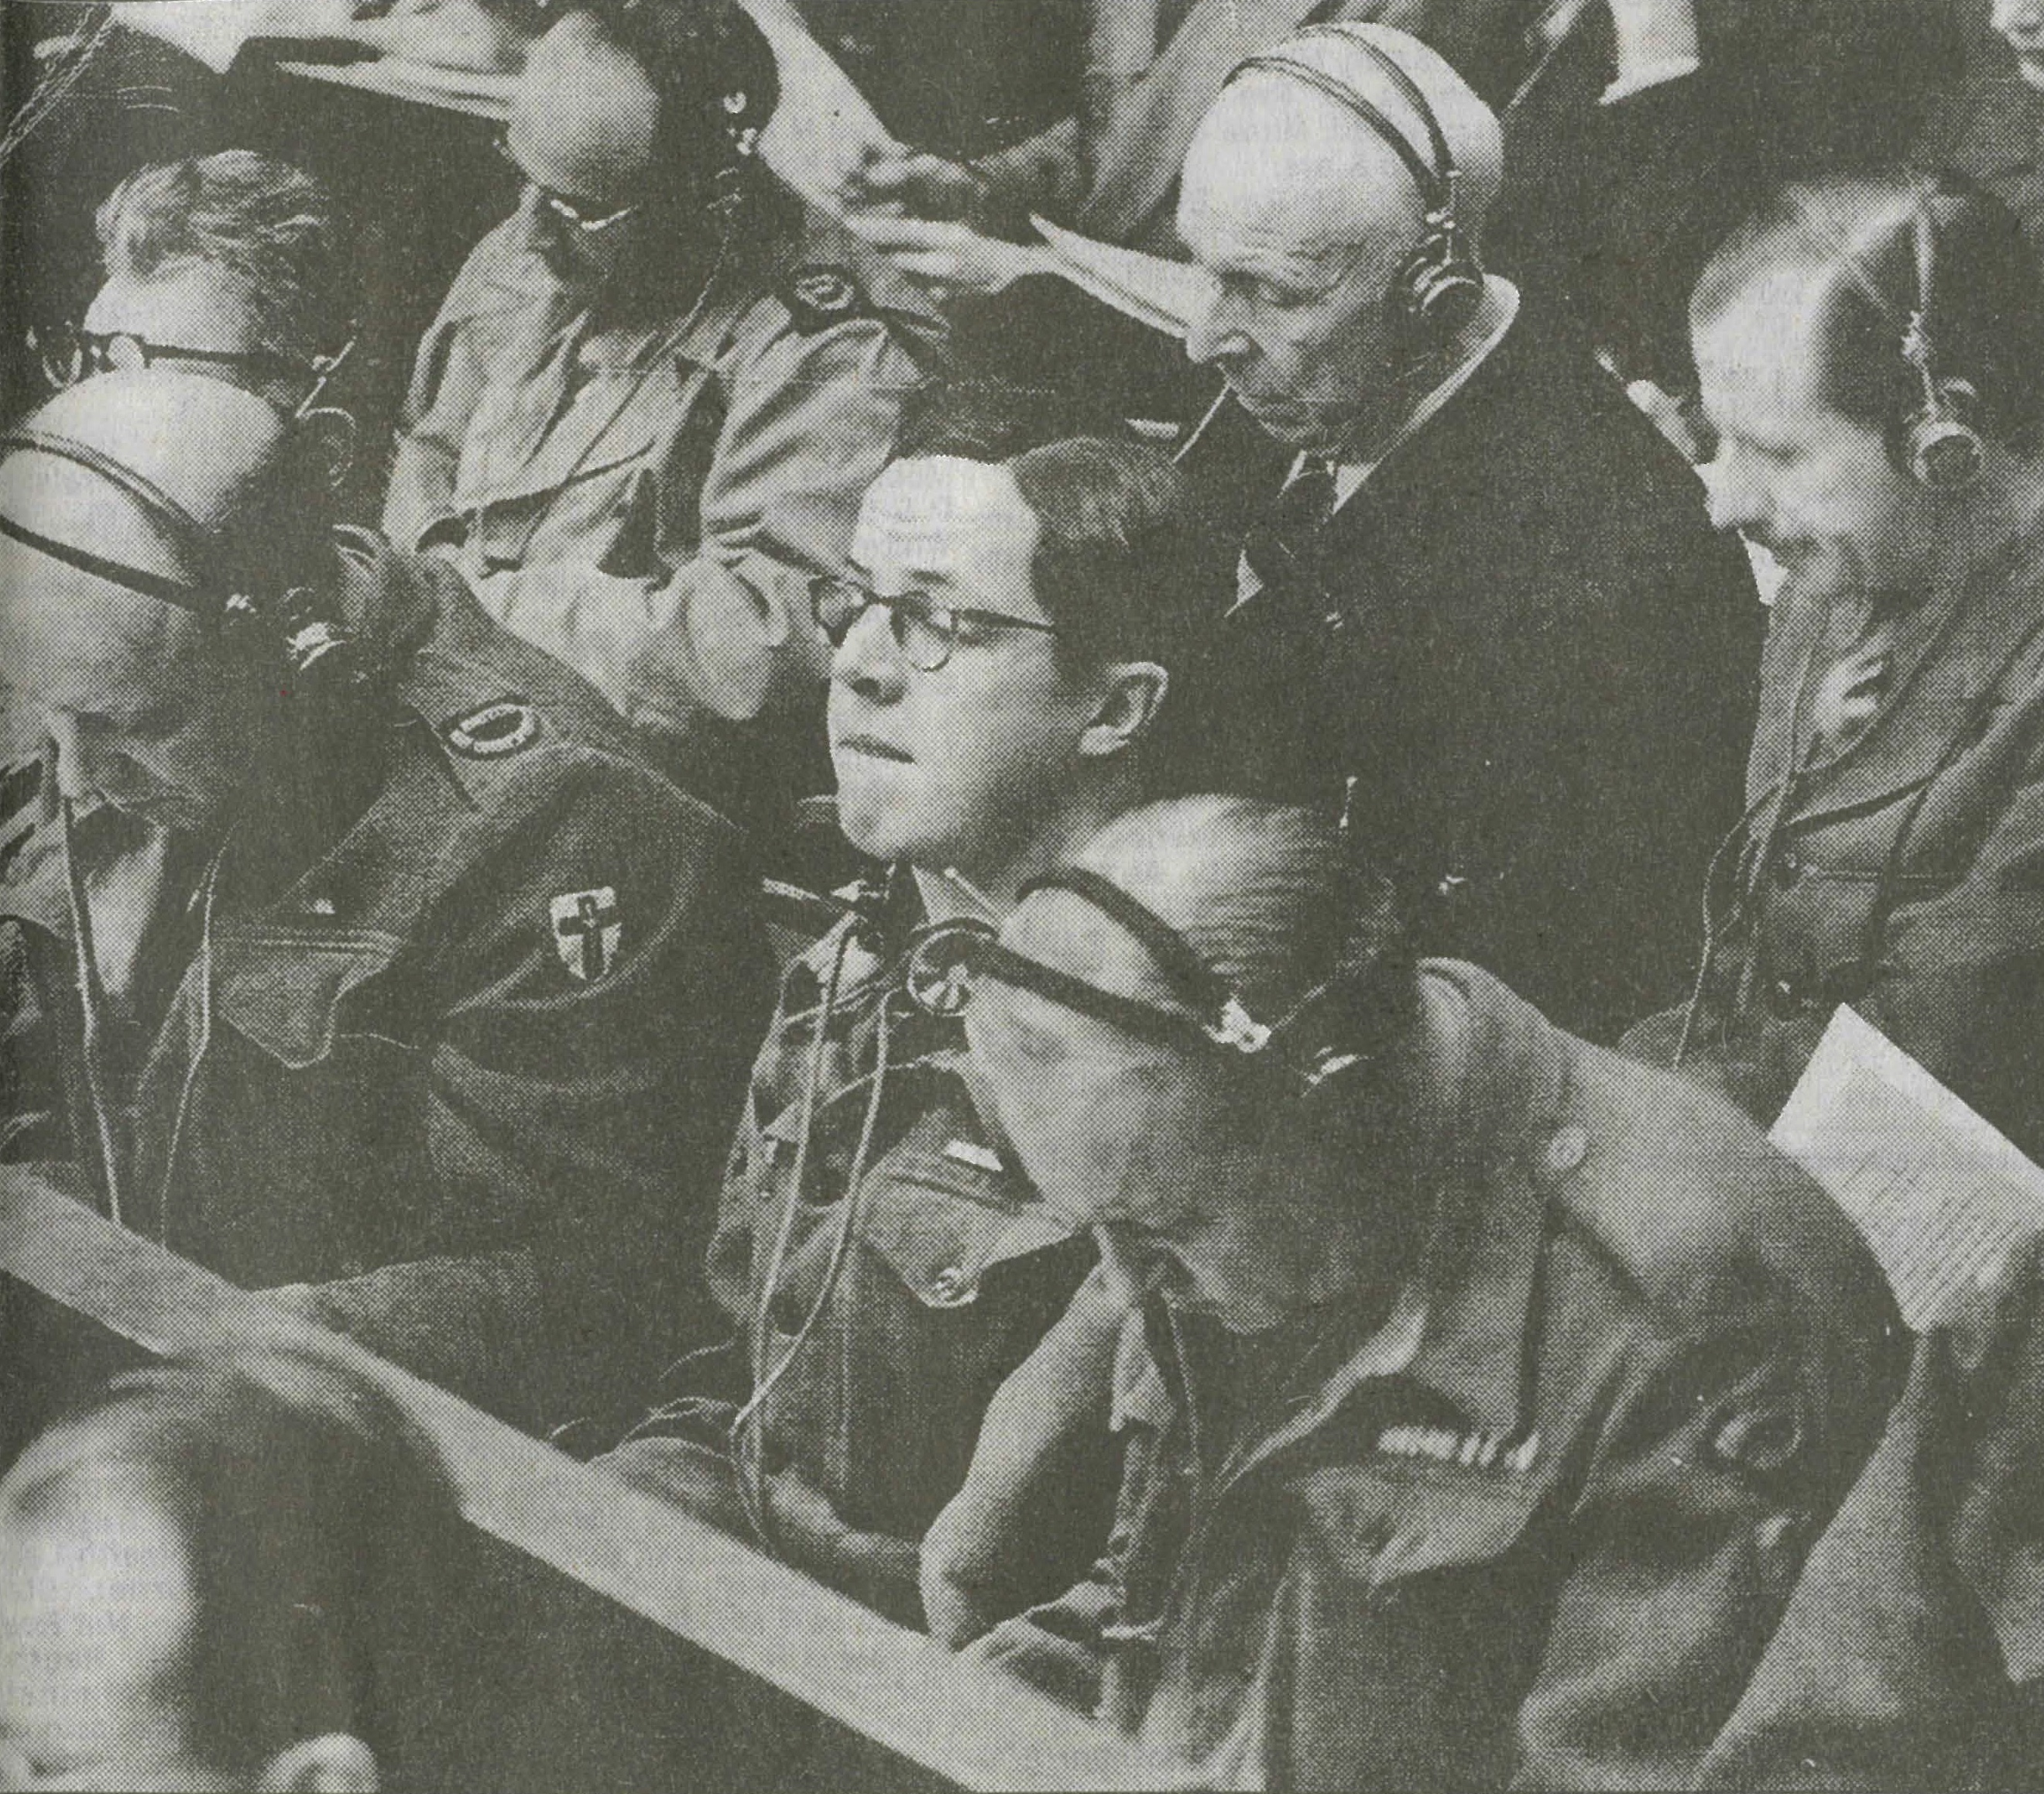 Ian Bevan at Nuremberg